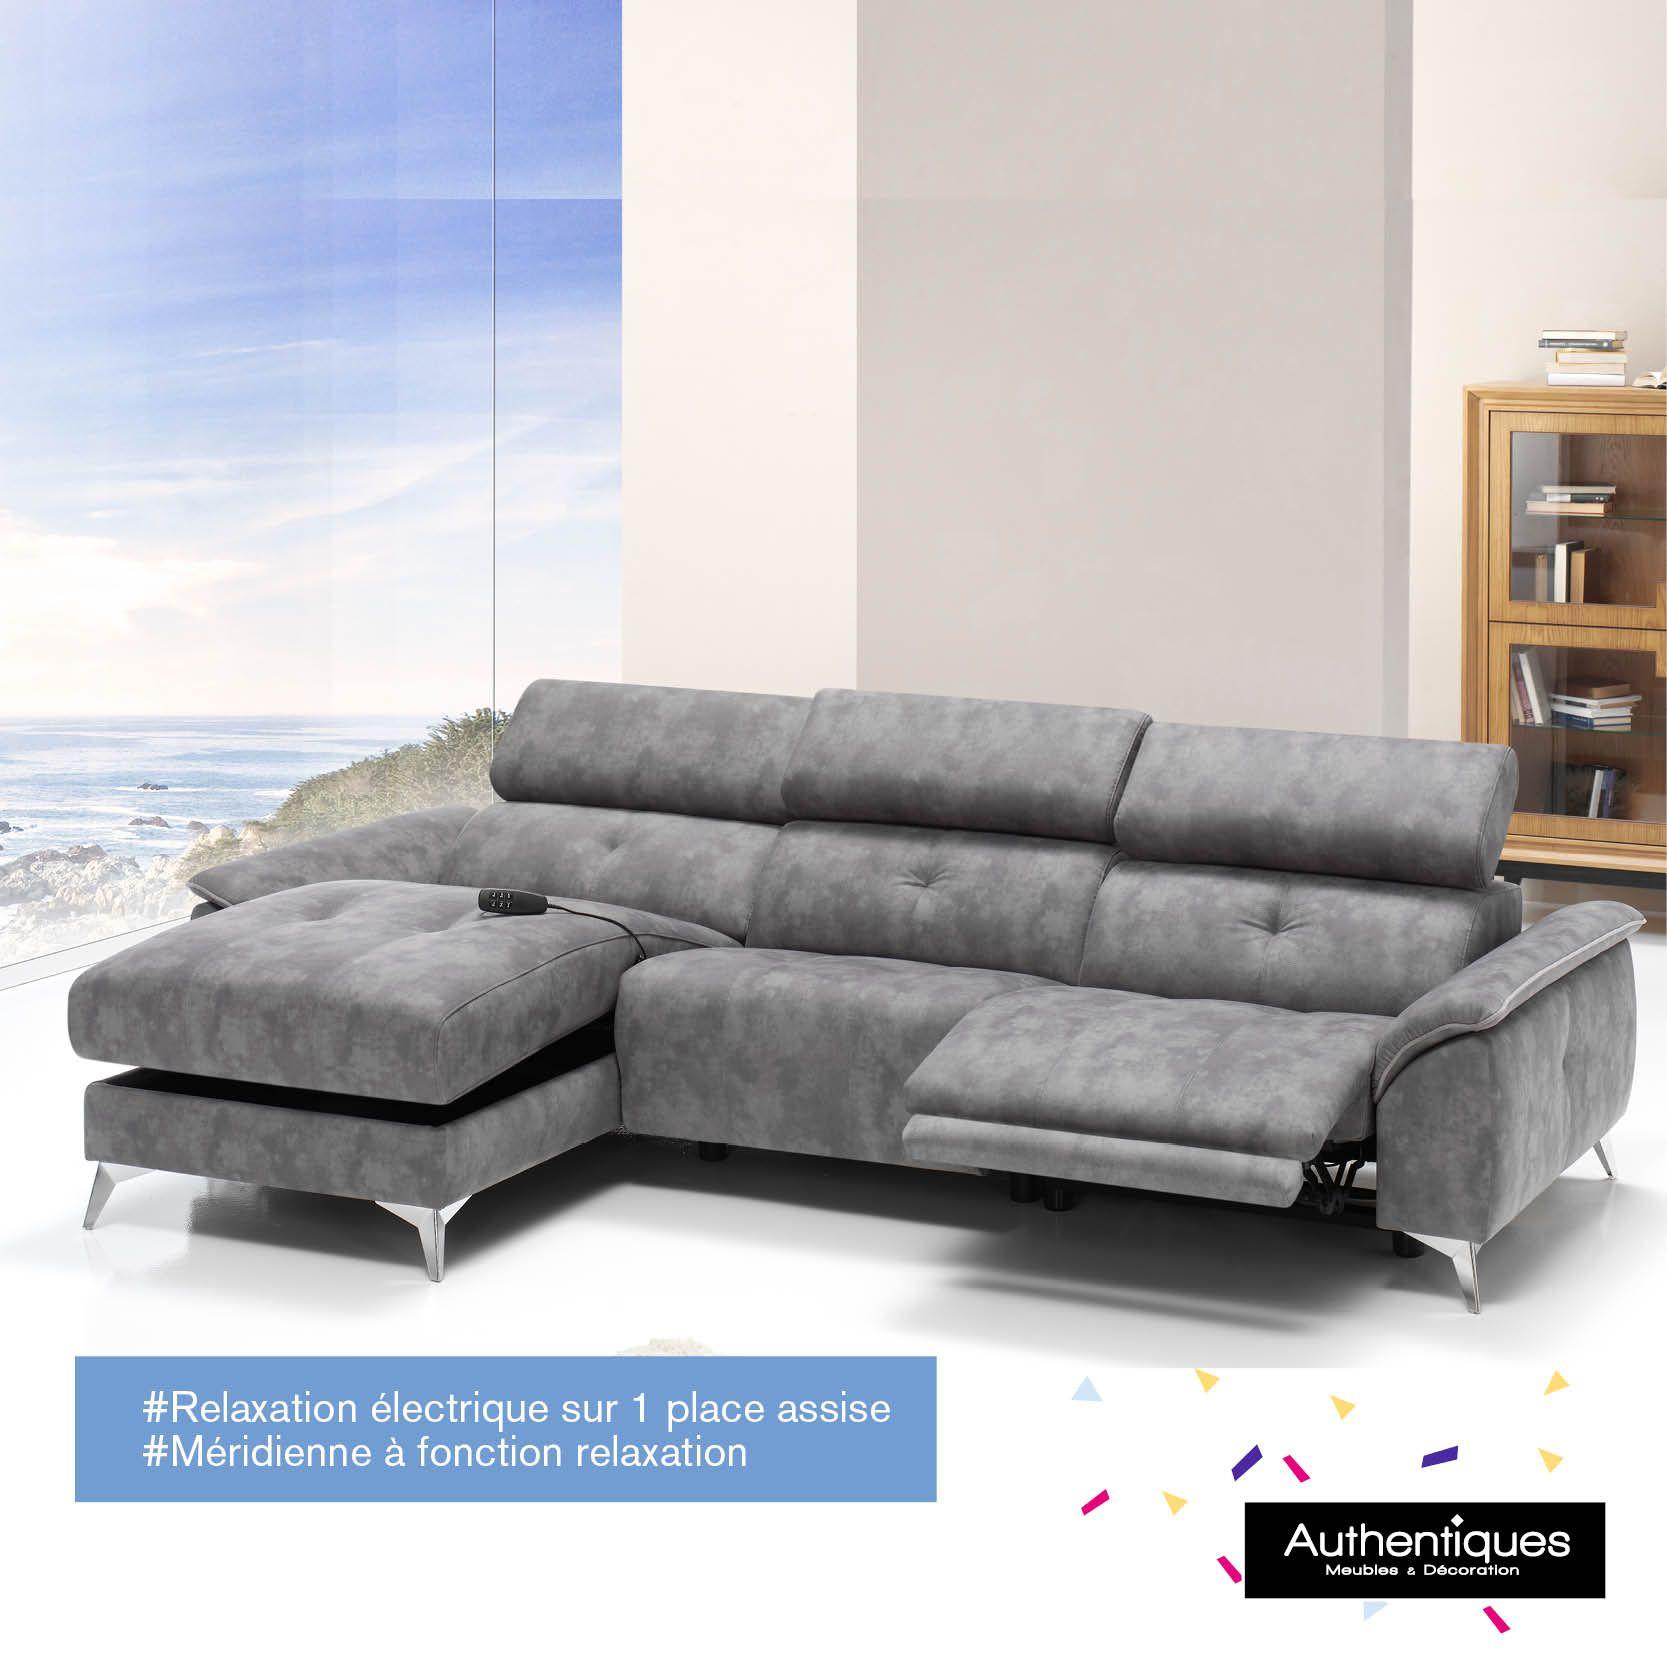 Canapé angle méri nne 1 relax électrique Recouvert tissu 100